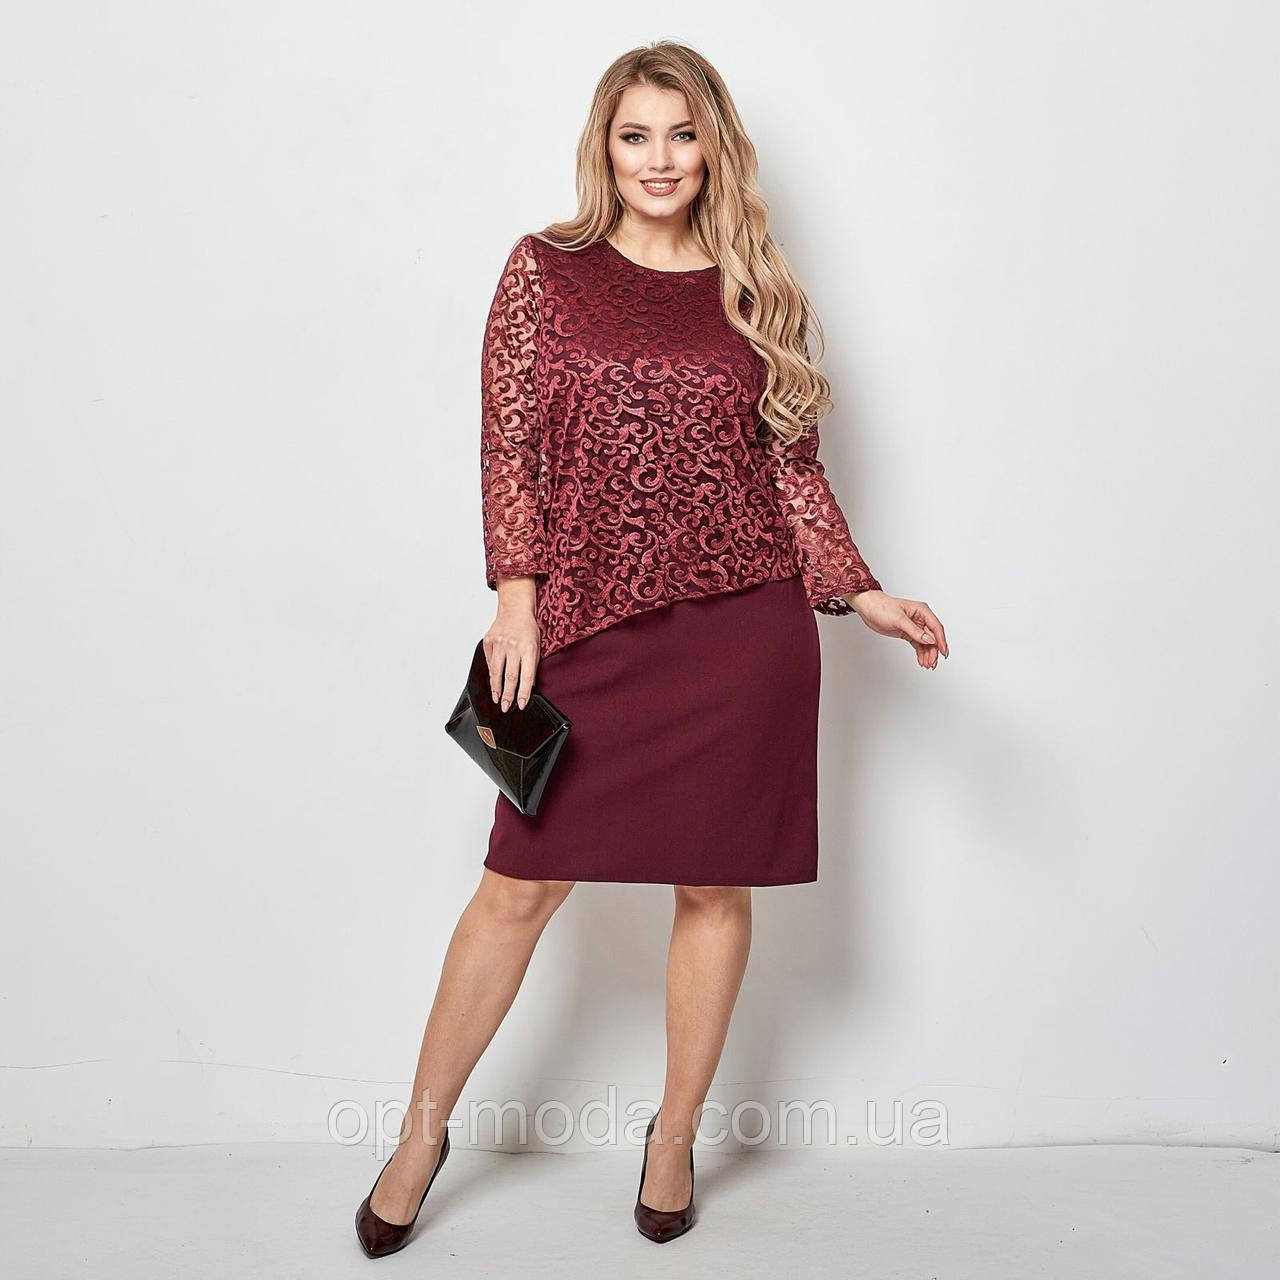 Повсякденні сукні оптом - 058-мас - Стильне ошатне женкое сукні великих розмірів